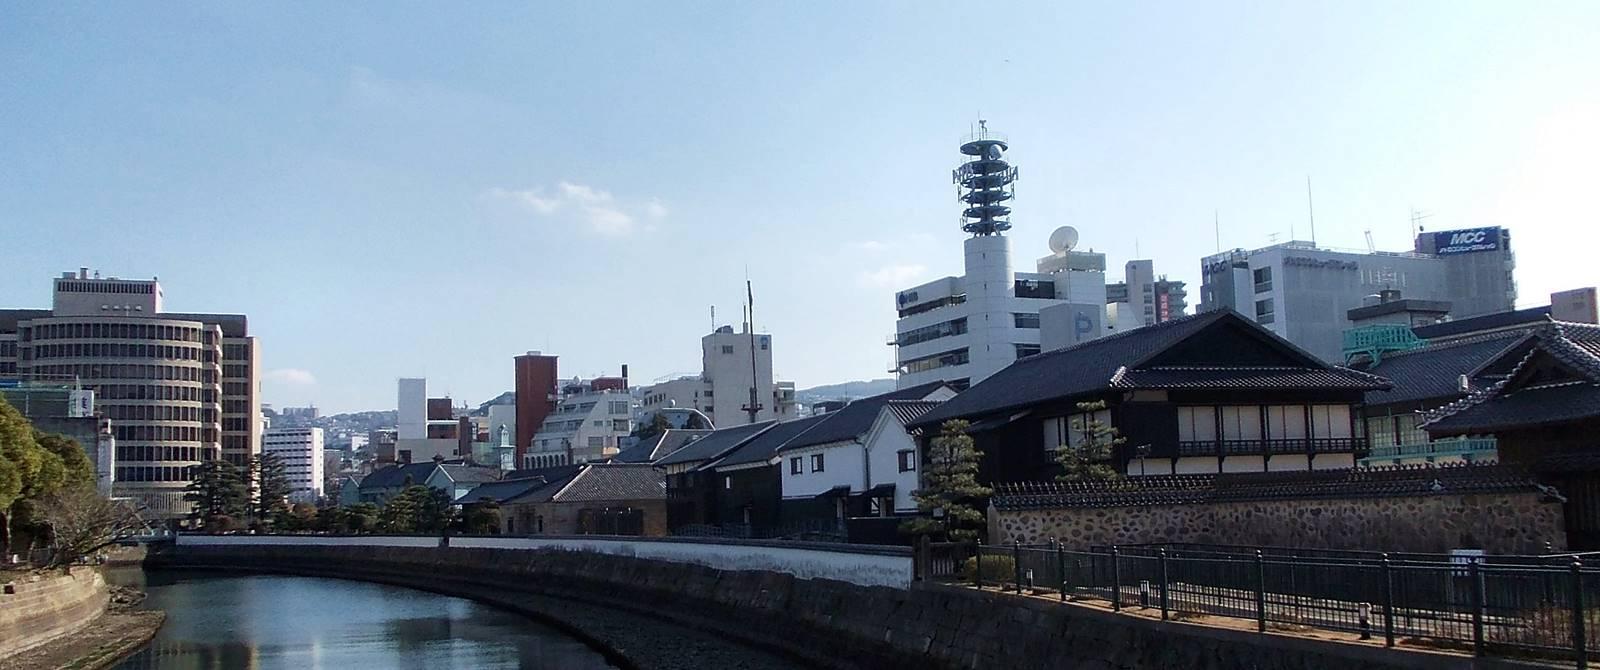 長崎-景點-推薦-出島-長崎必玩景點-長崎必去景點-長崎好玩景點-市區-攻略-長崎自由行景點-長崎旅遊景點-長崎觀光景點-長崎行程-長崎旅行-日本-Nagasaki-Tourist-Attraction